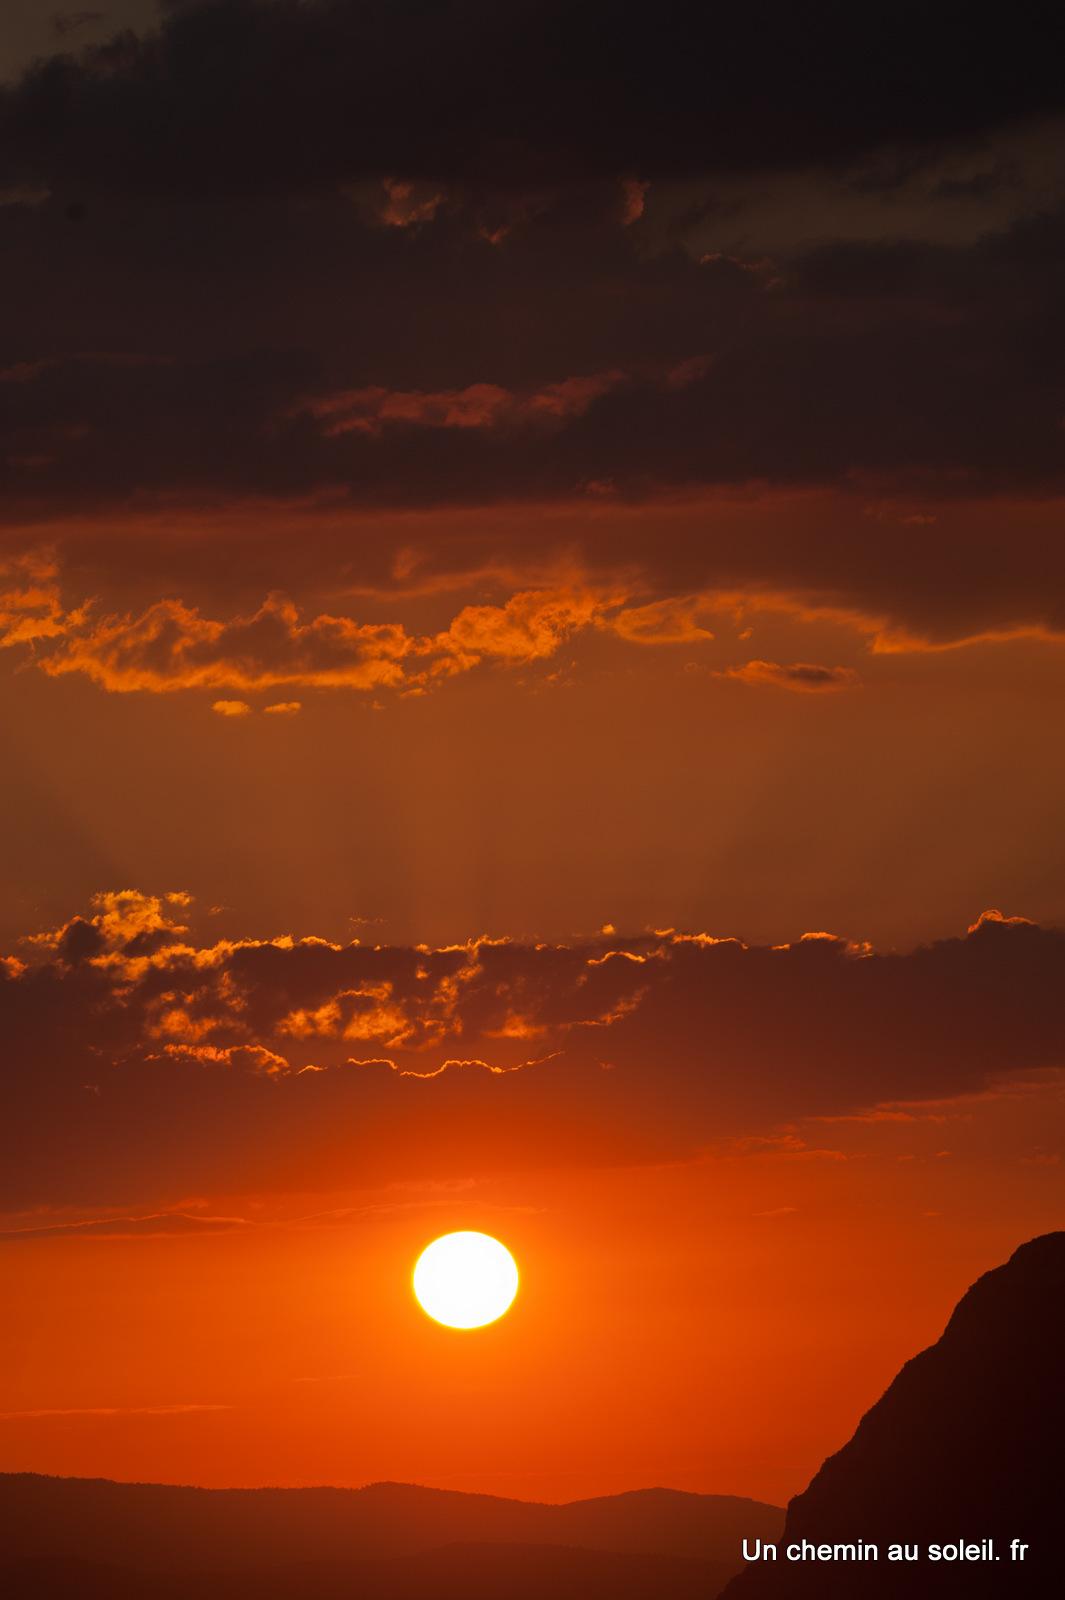 Un chemin au soleil un coucher de soleil peine soutenable - A quelle heure se couche le soleil ce soir ...